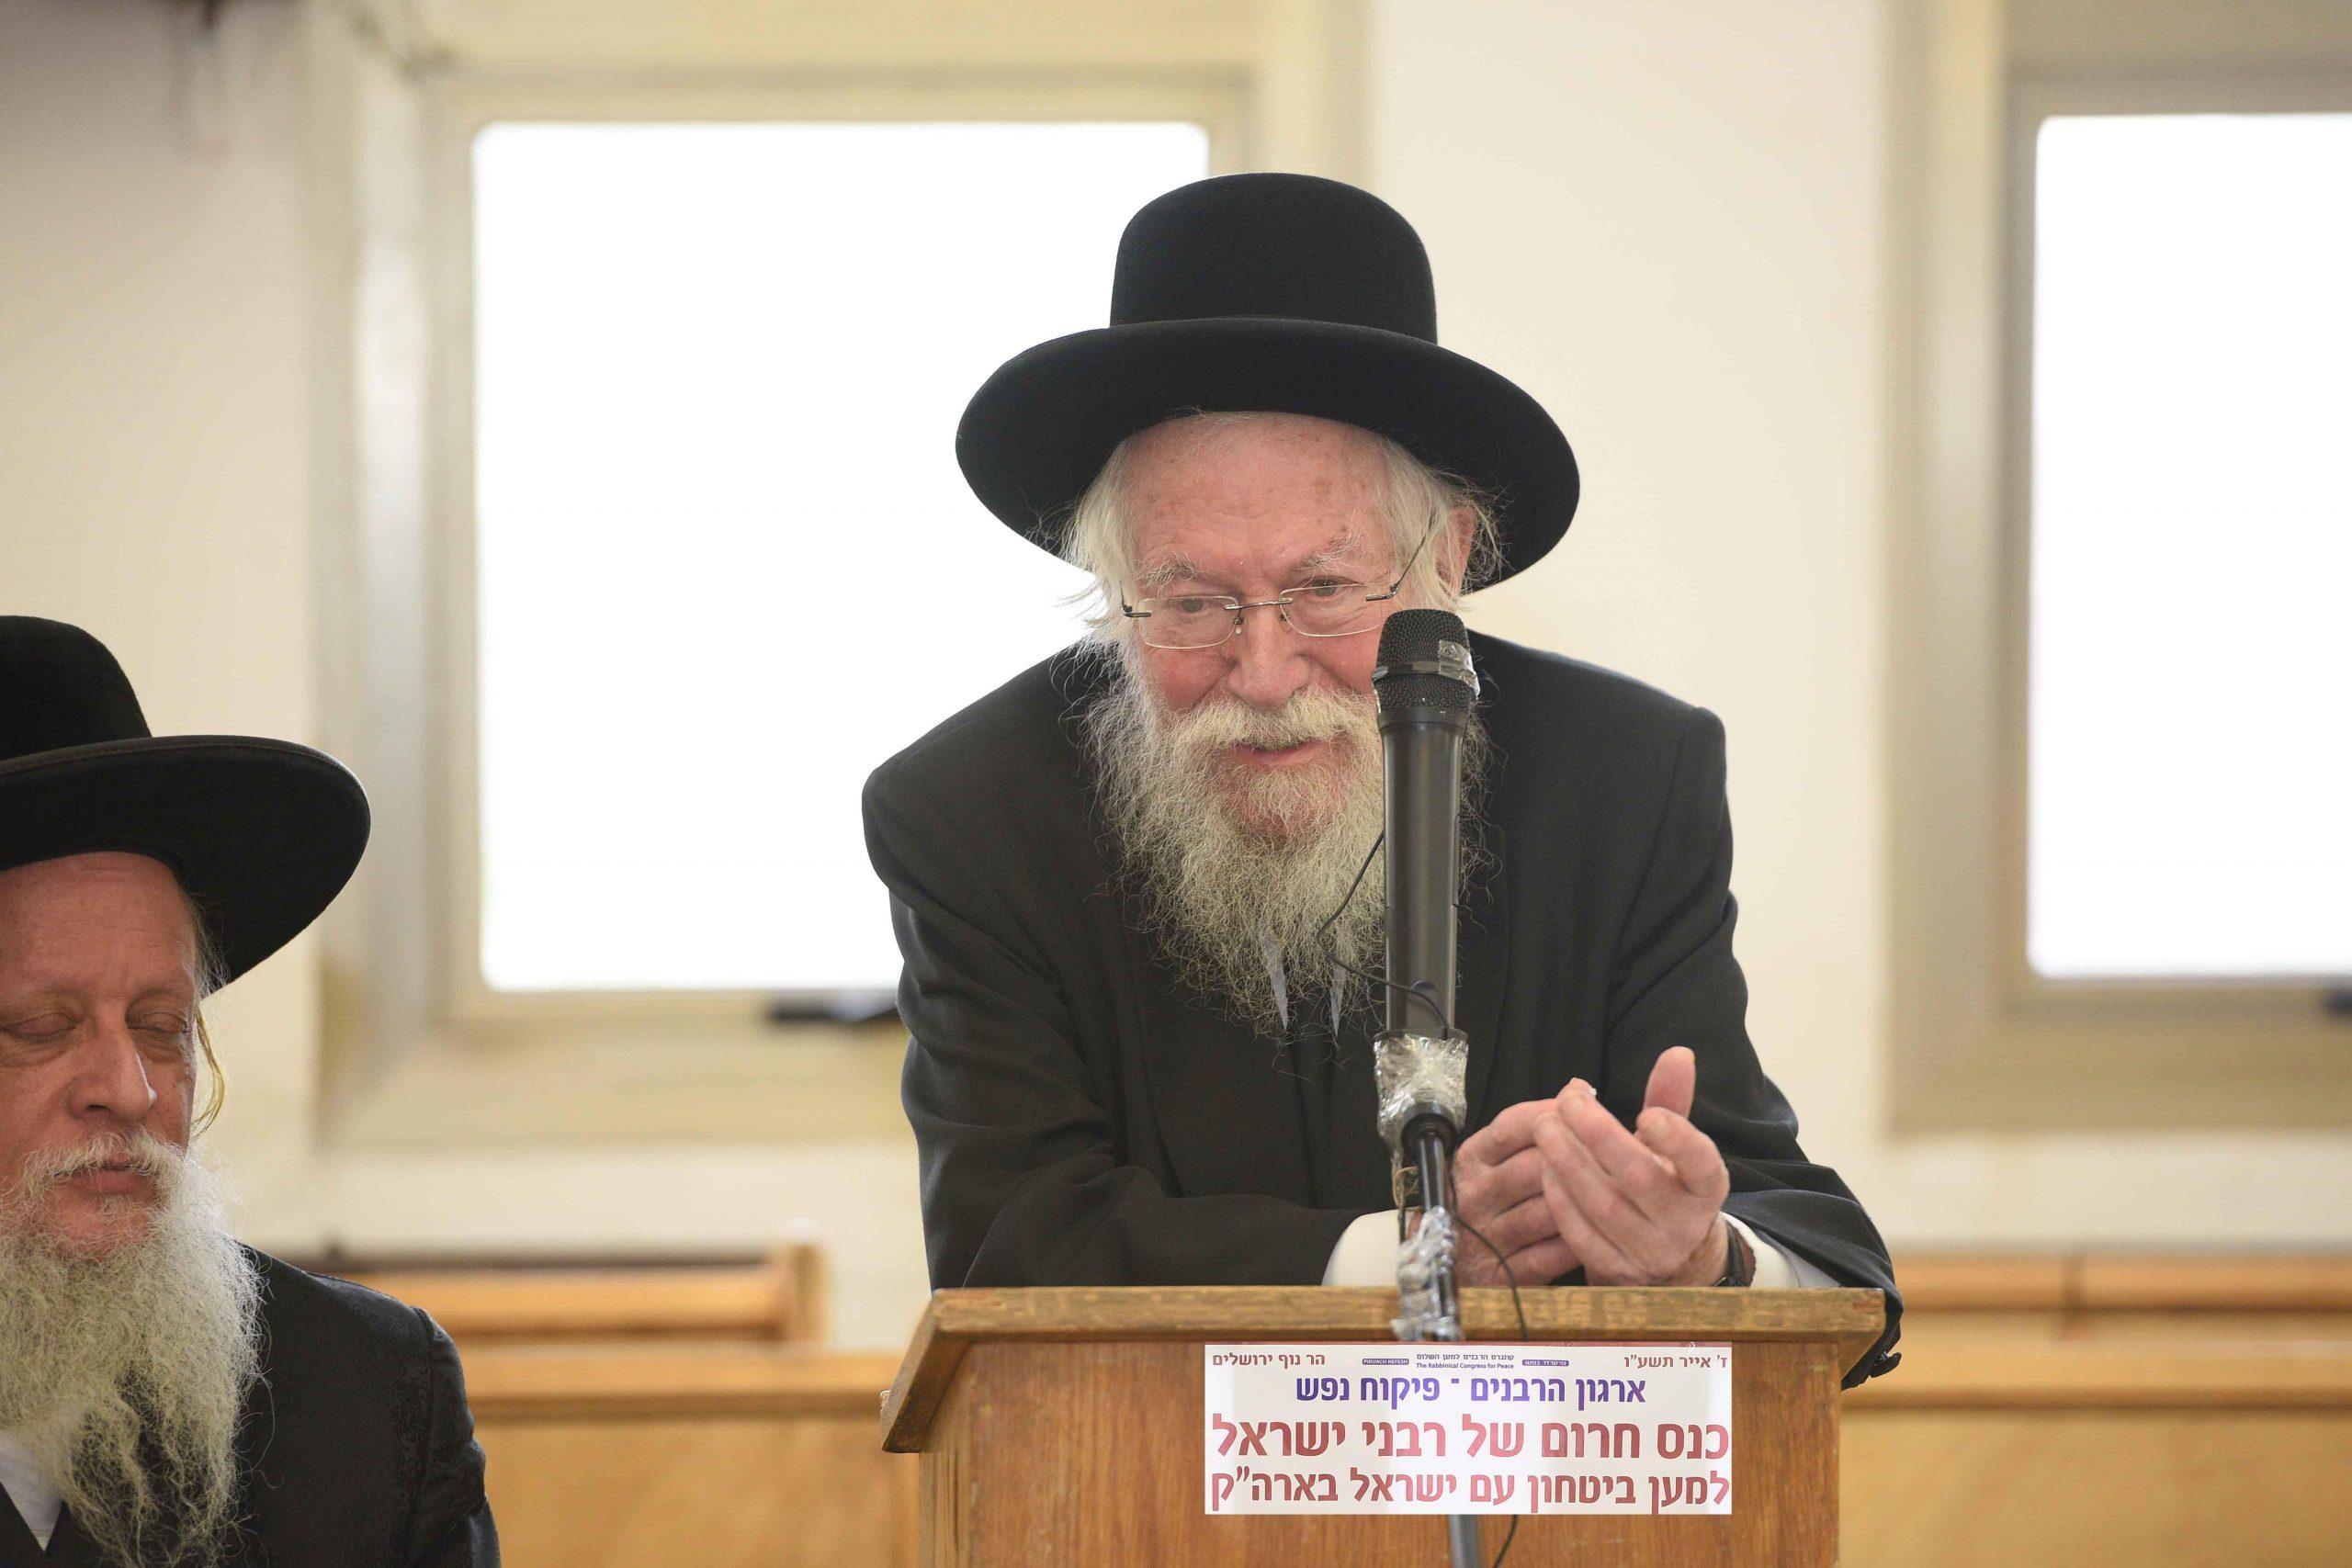 """הגאון הרב זלמן נחמיה גולדברג זצ""""ל: """"בנושא המאבק על ארץ ישראל עלינו לנהוג בדיוק כפי שנהג הרבי!"""""""